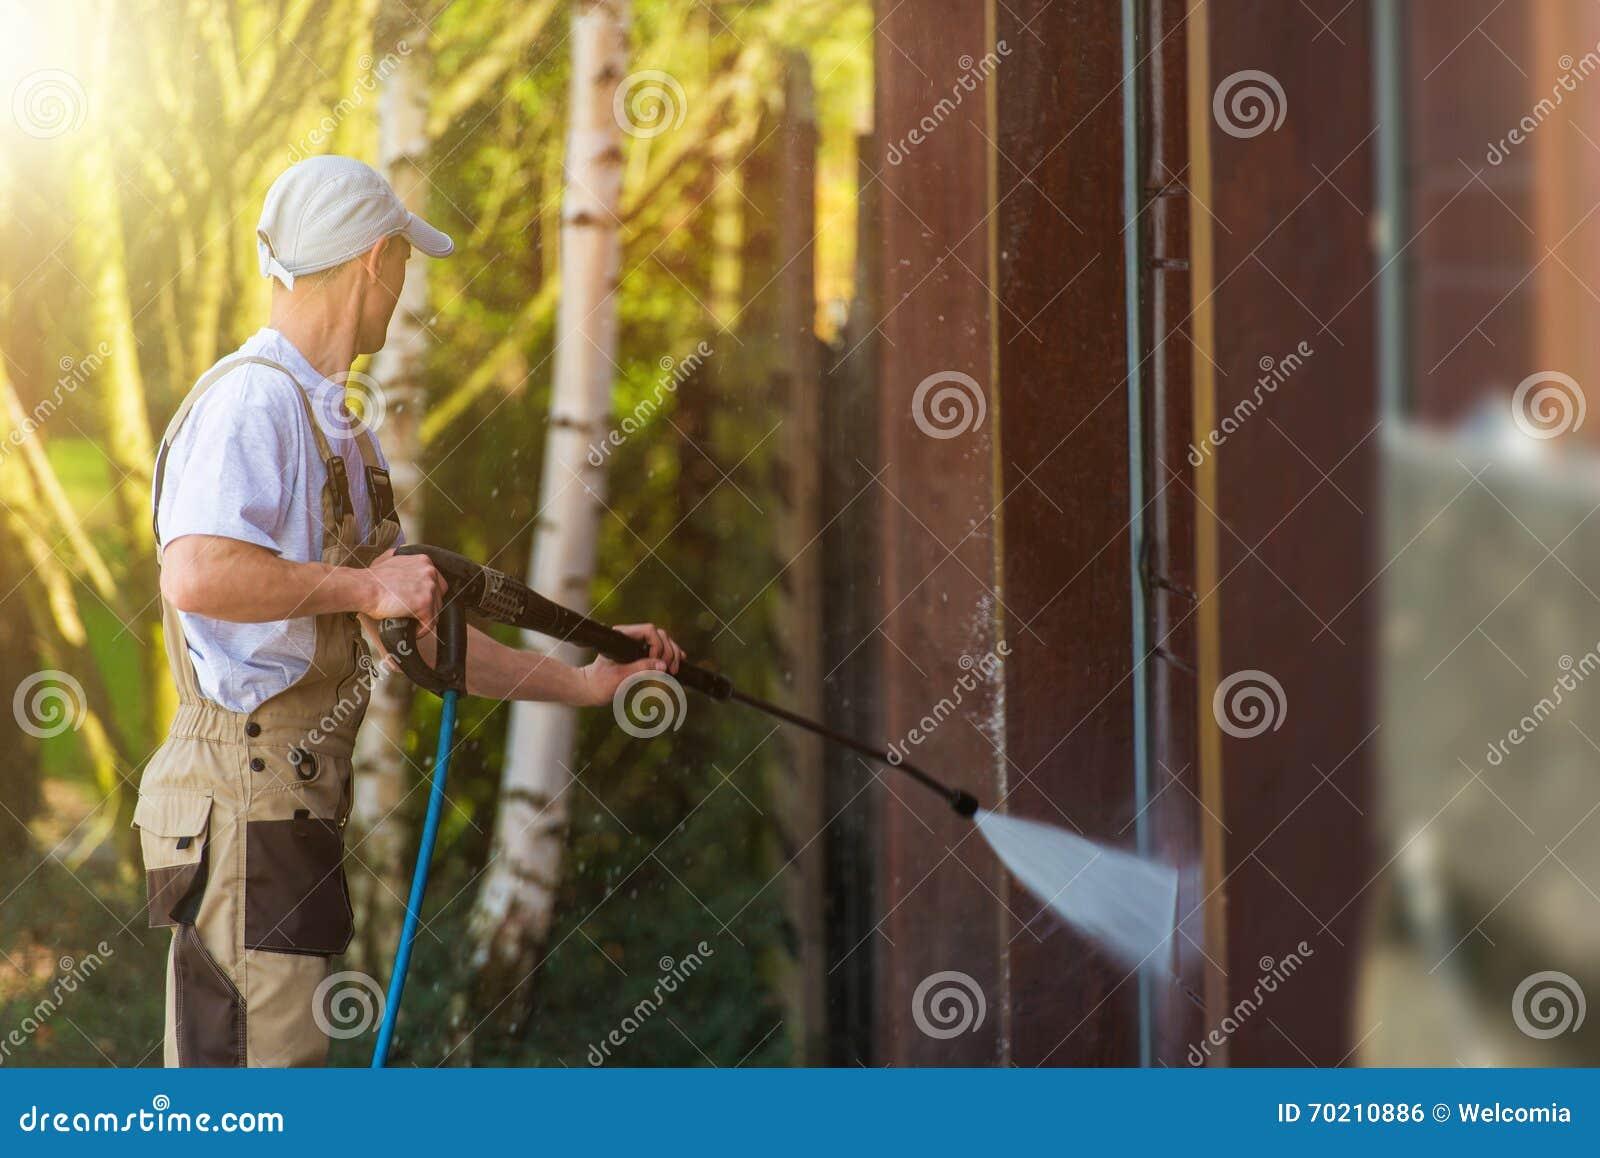 Garagen-Tor-Wasser-Reinigung